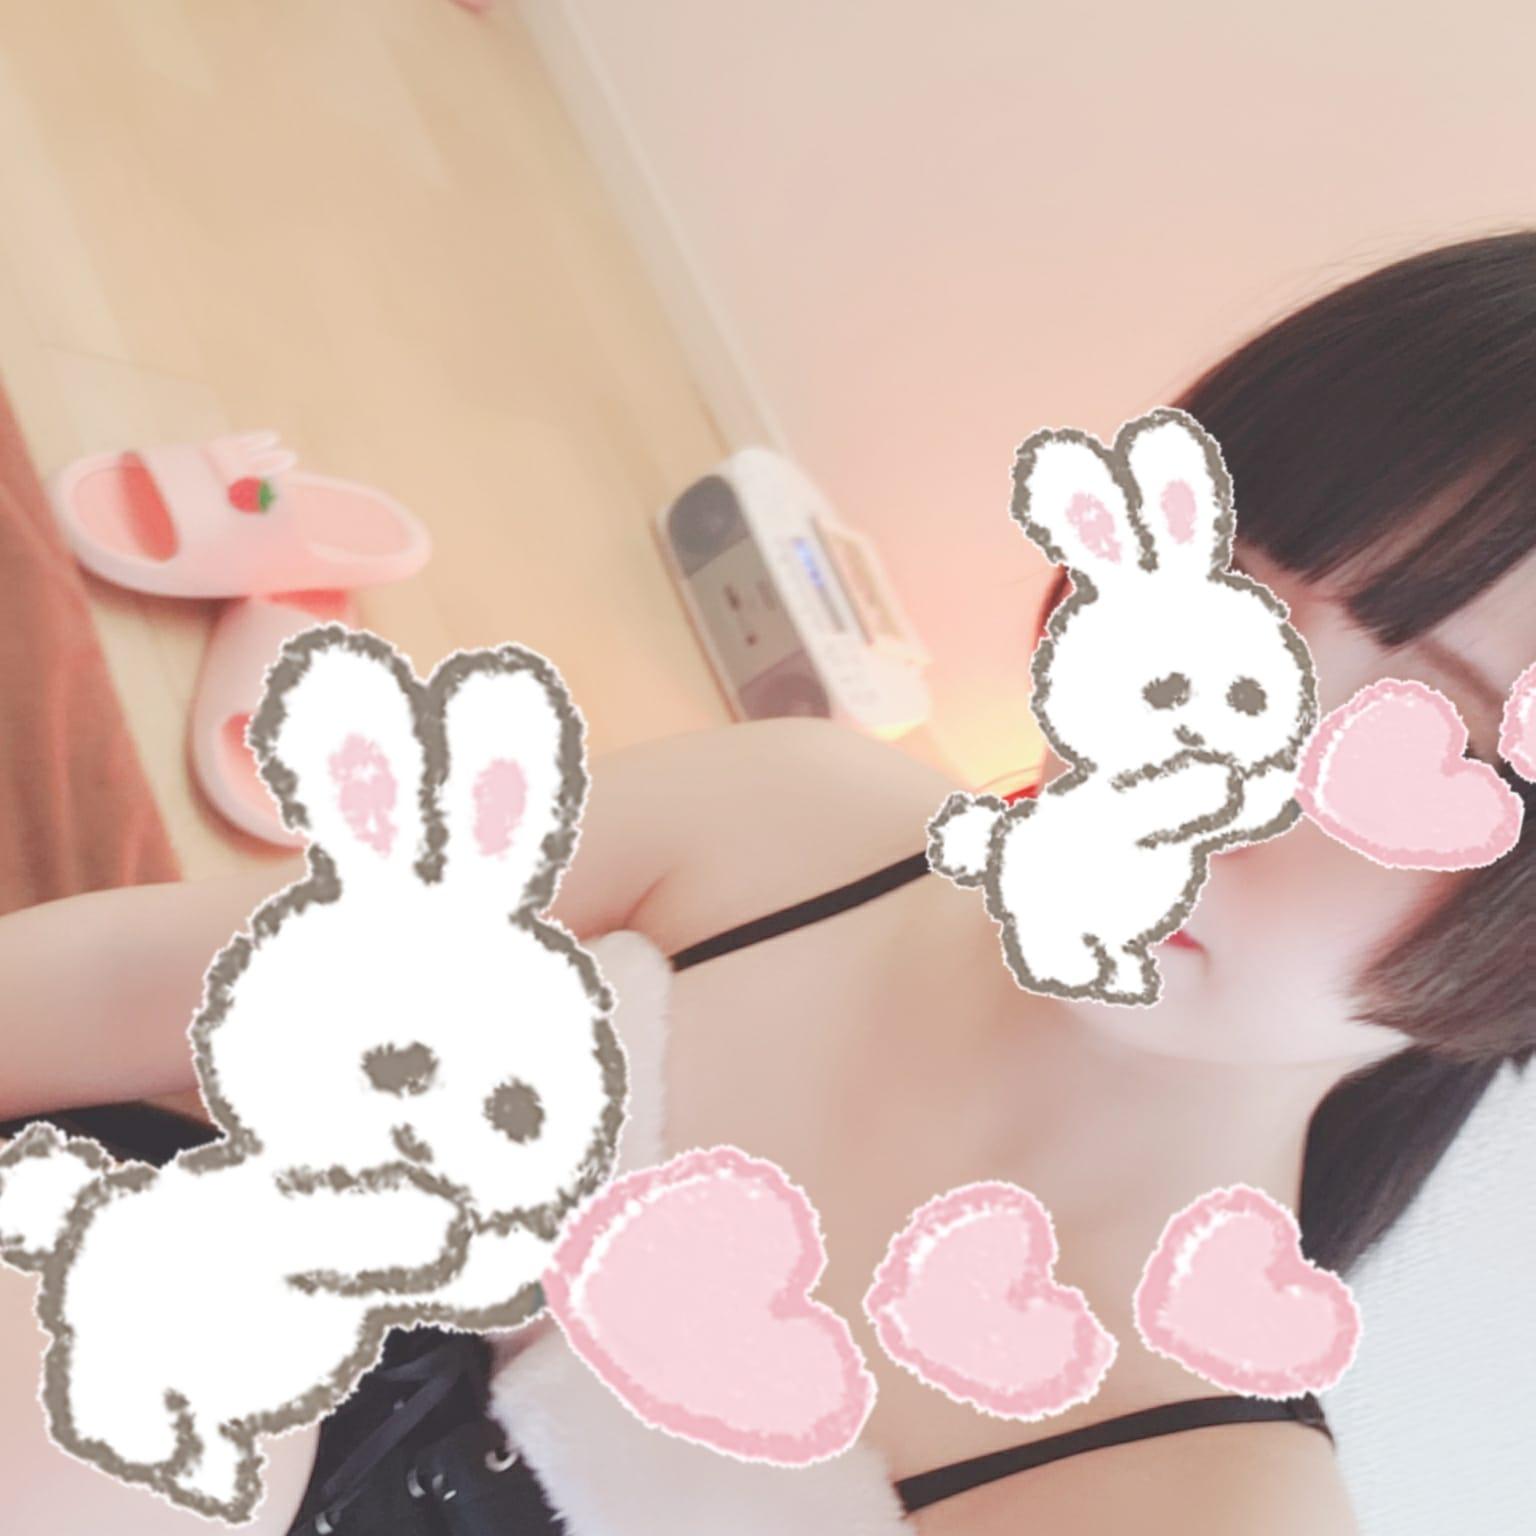 「今週の出勤予定♡」06/11(金) 15:03 | 北沢かなでの写メ日記